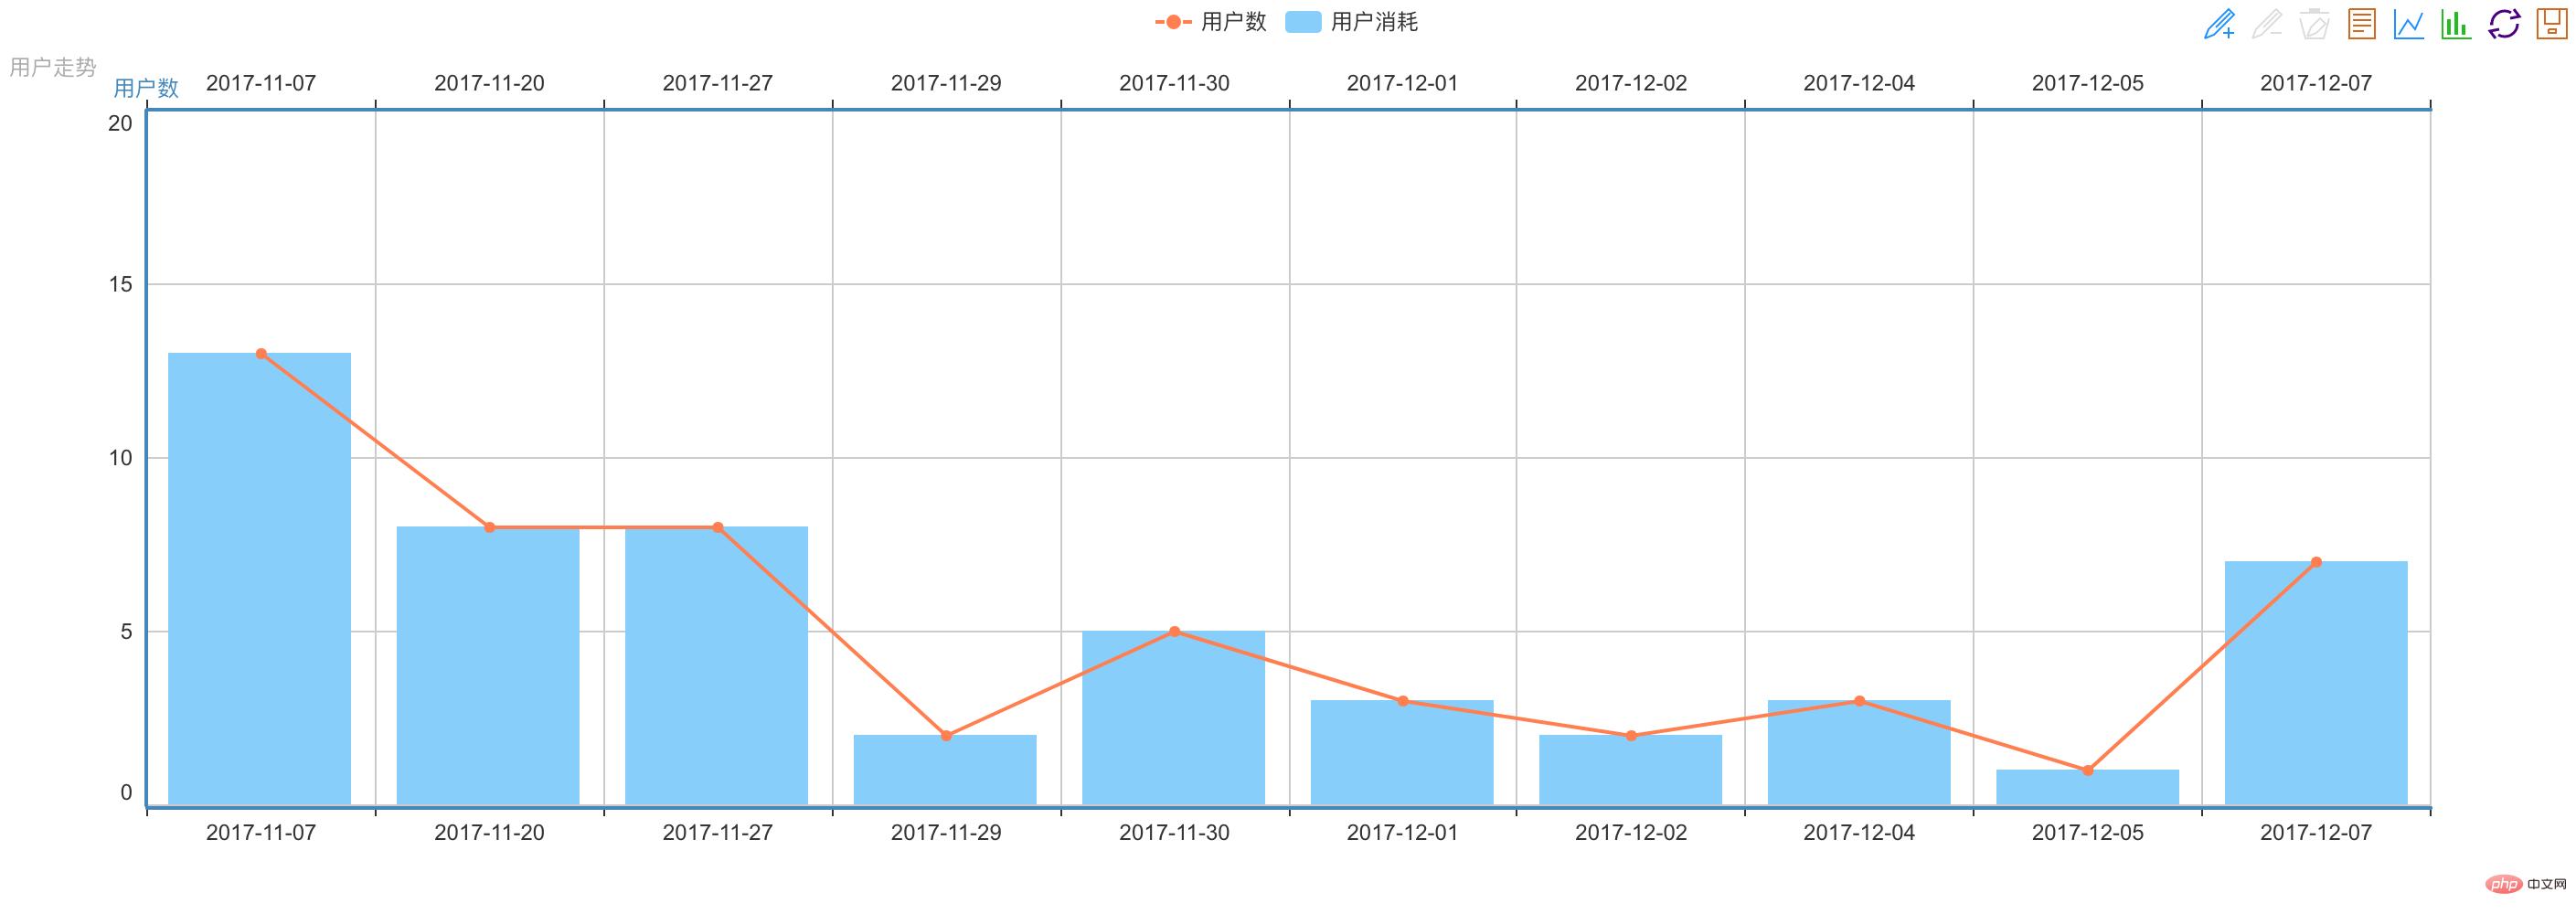 PHP如何使用Echarts生成数据统计报表_编程技术_编程开发技术教程